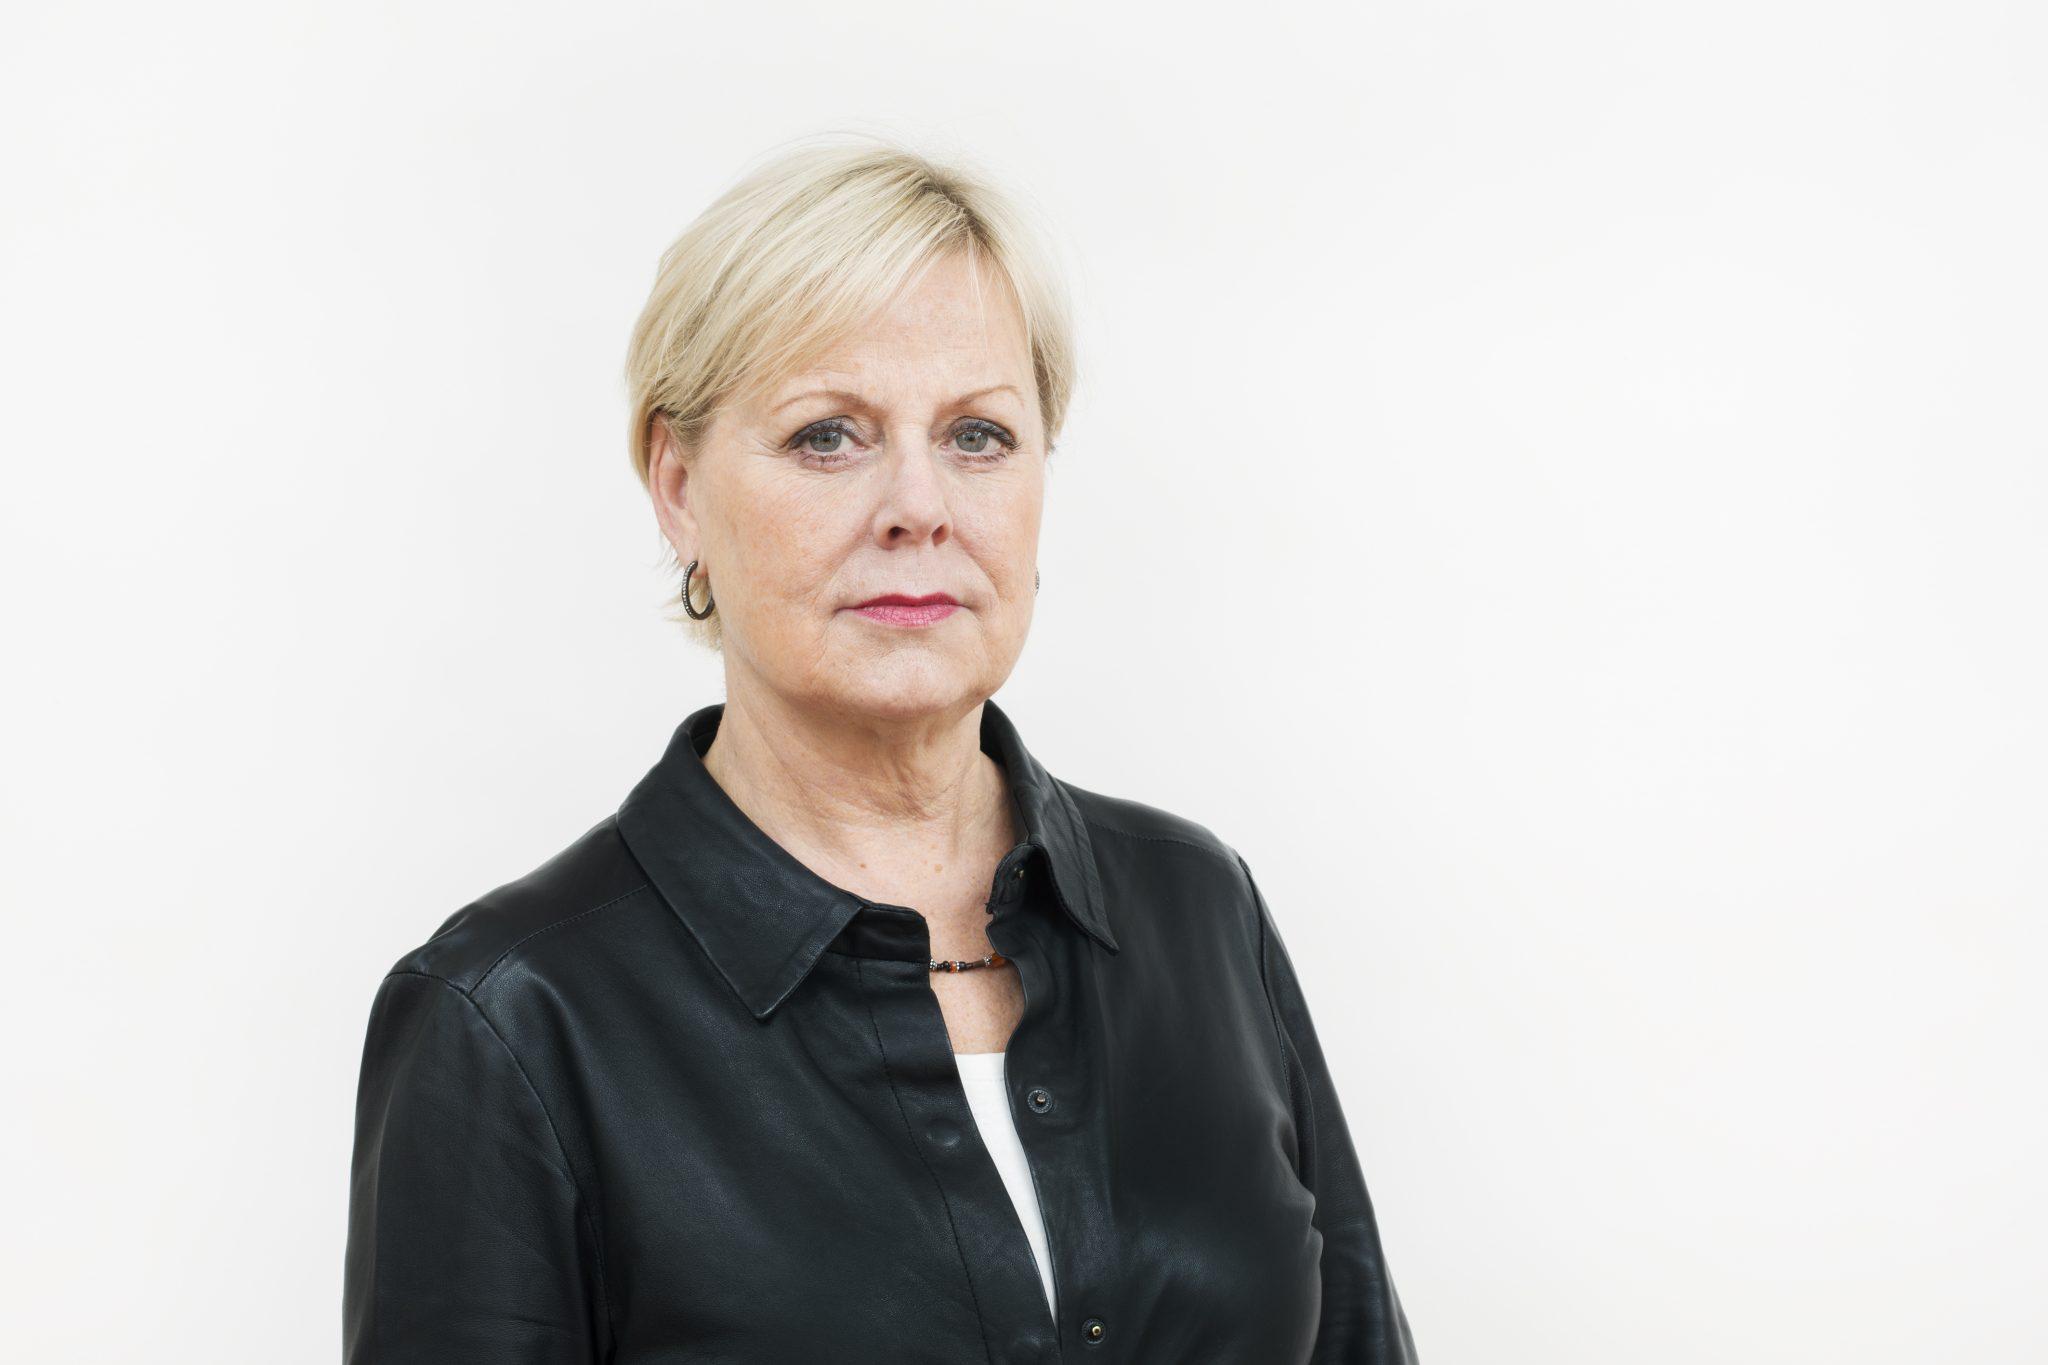 Lena Ag tillträder posten som generaldirektör för Jämställdhetsmyndigheten 1 jan 2018